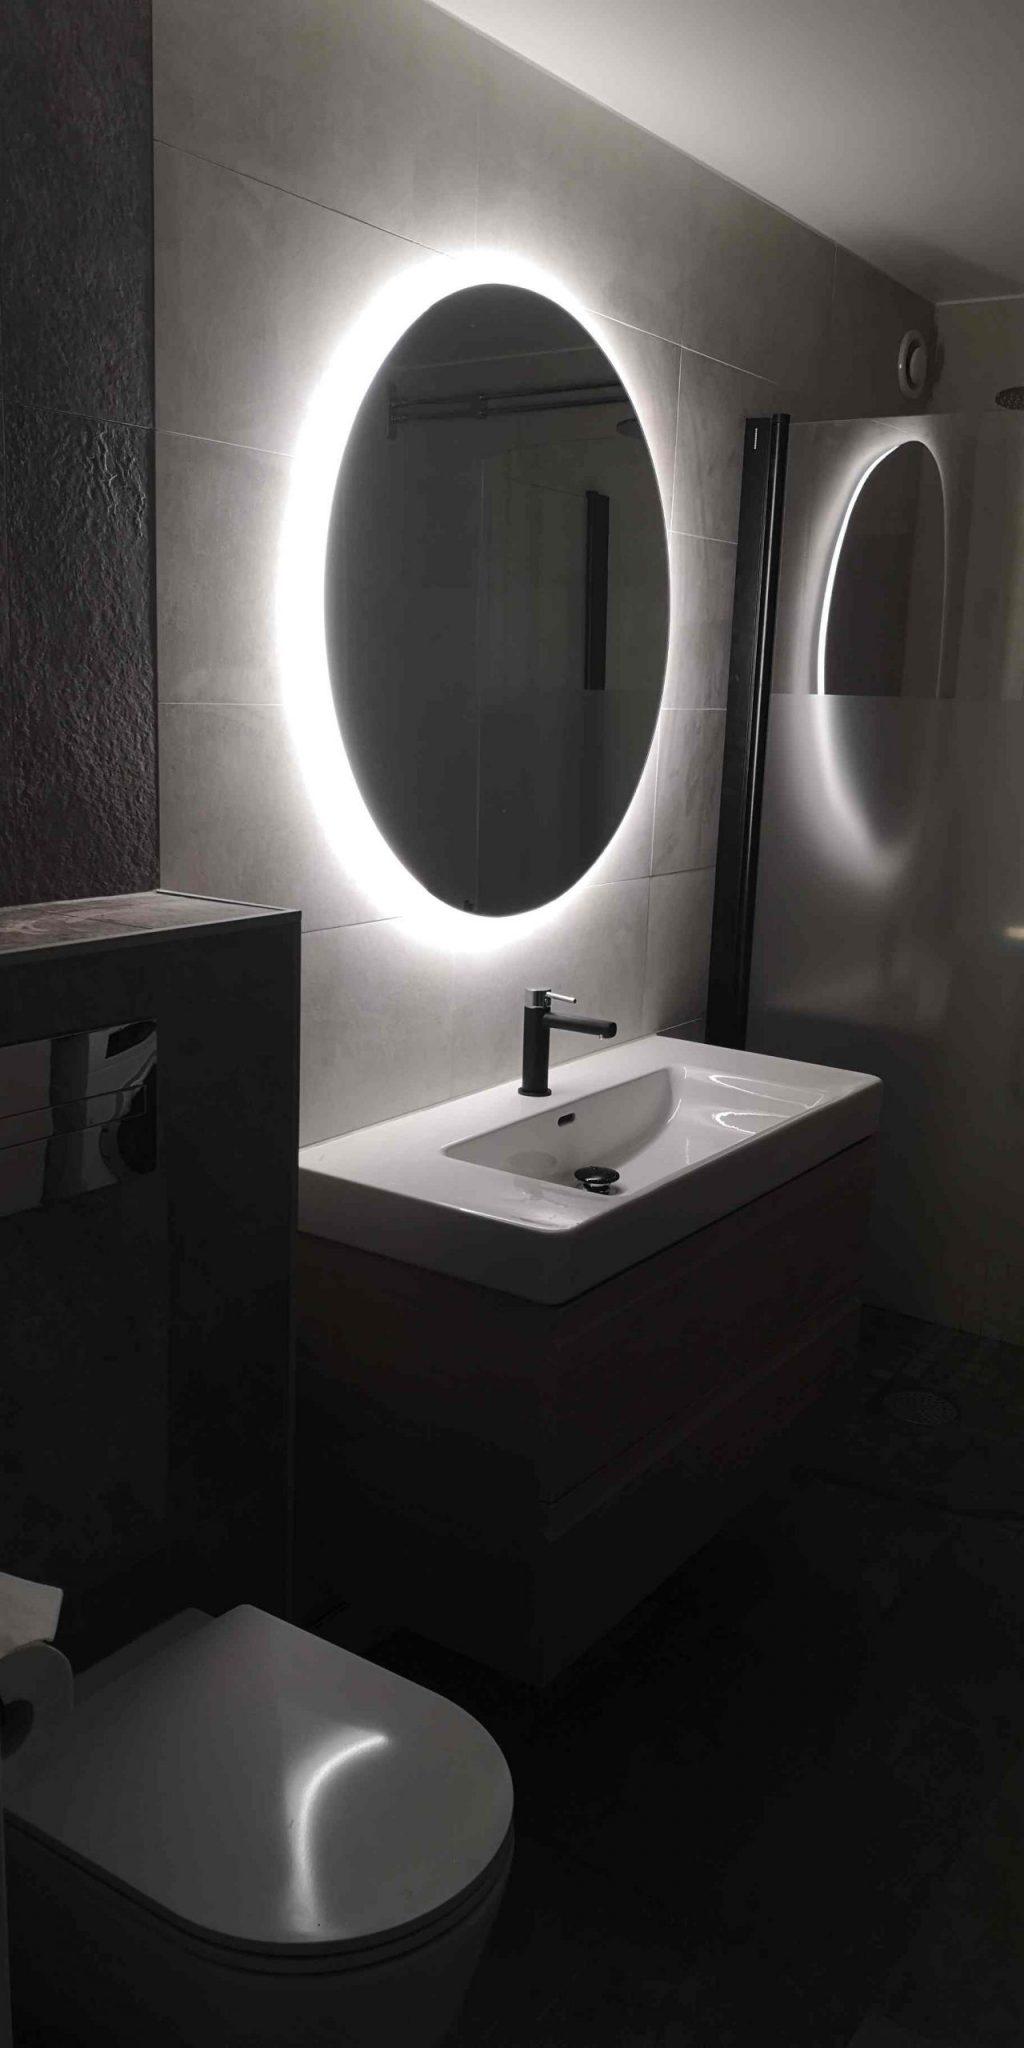 Badrumsrenovering Norrtälje med led spegel